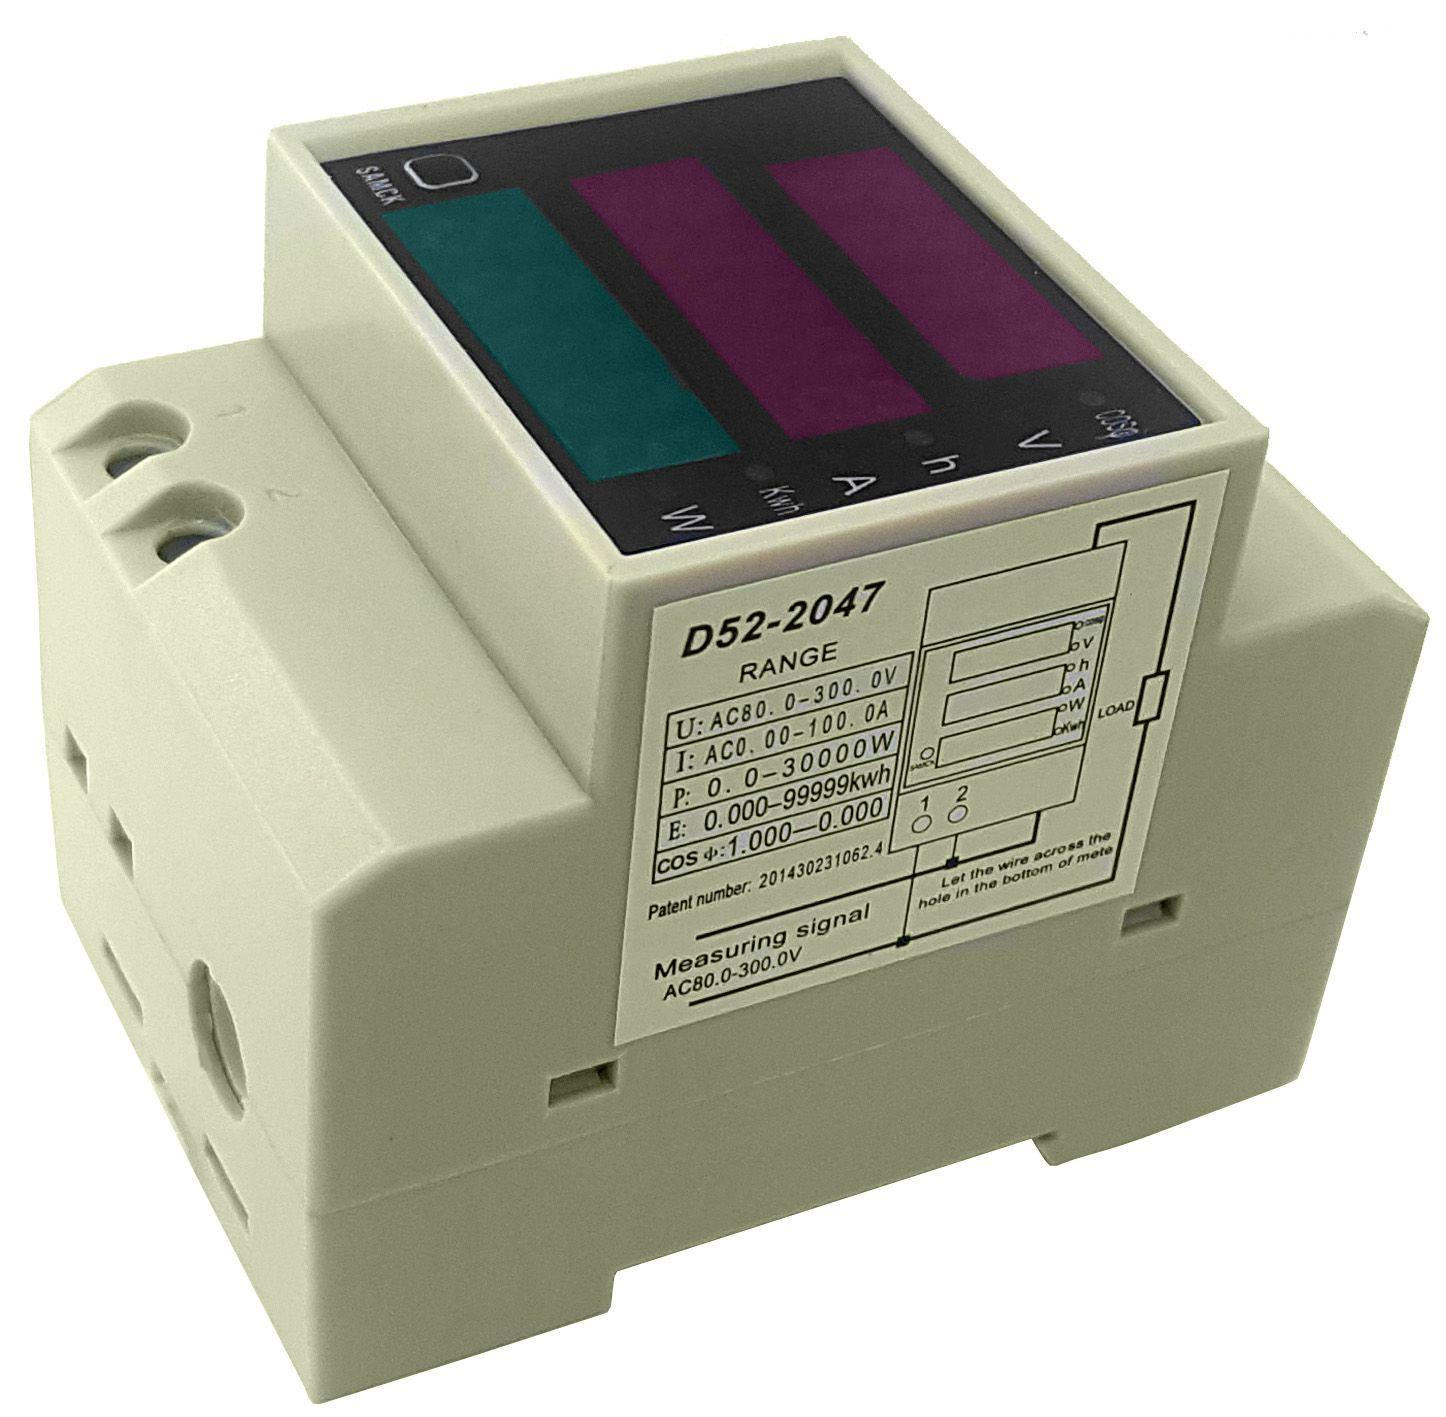 Multi-medidor D52-2047